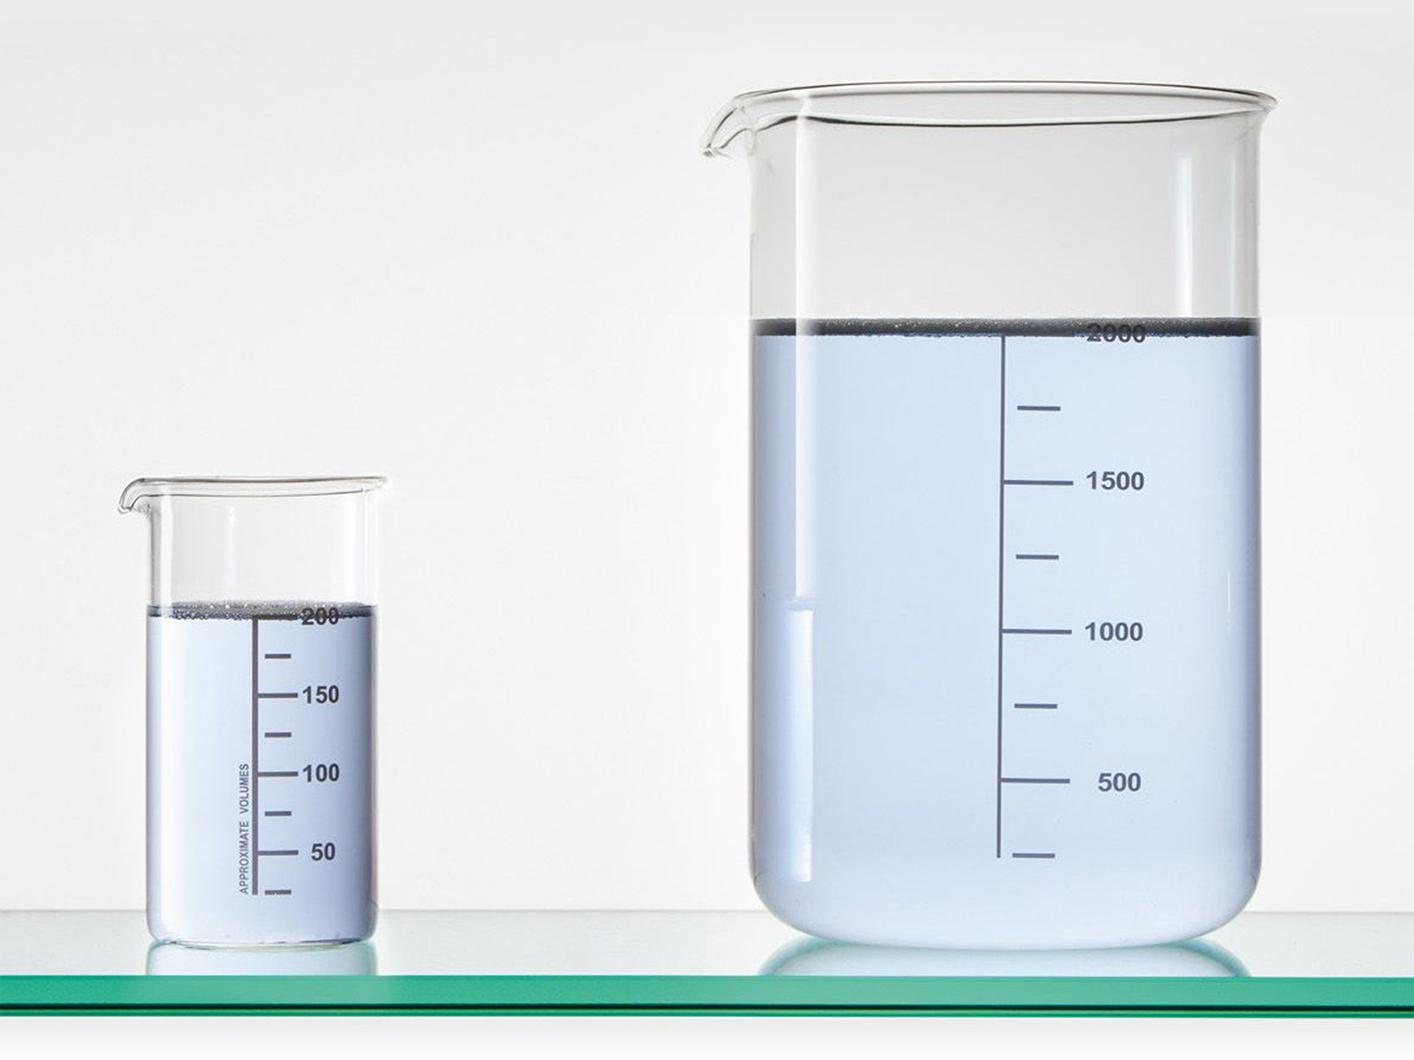 CWS reduziert den Wasserverbauch